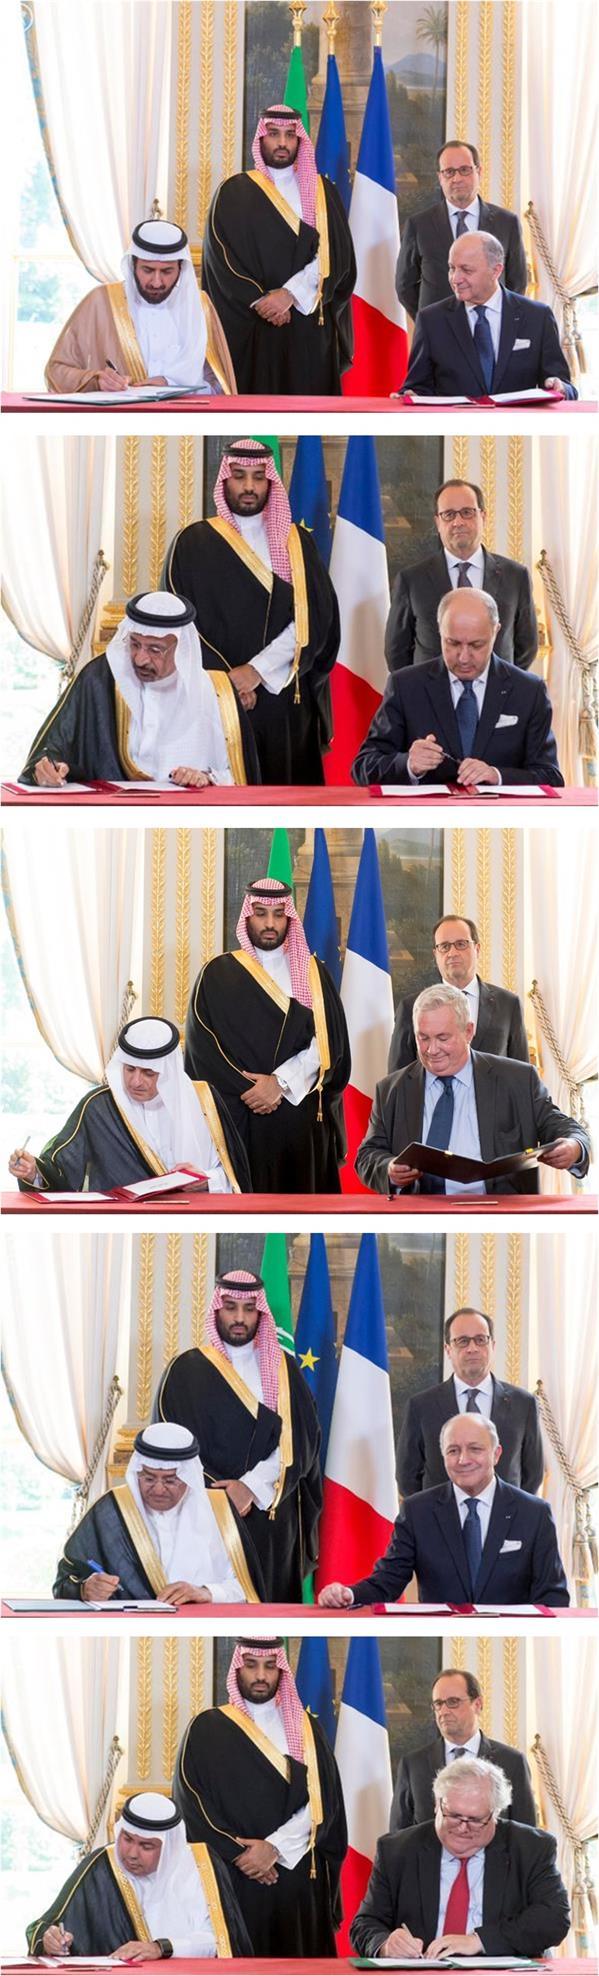 الرئيس الفرنسي وسمو ولي ولي العهد يشهدان مراسم توقيع اتفاقيات بين المملكة وفرنسا